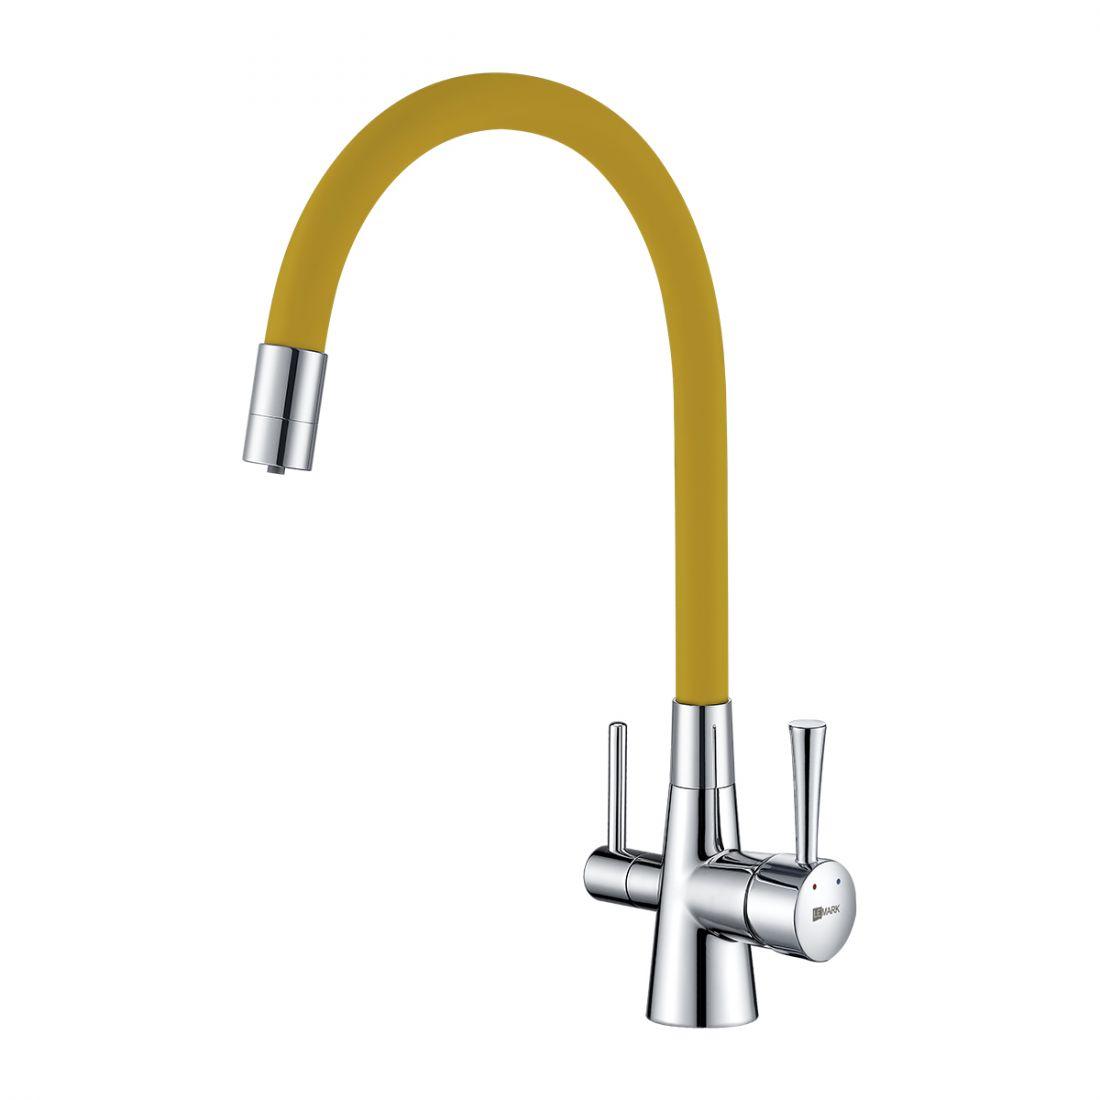 Смеситель Lemark Comfort (LM3075C-Yellow) для кухни  с подключением к фильтру с питьевой водой